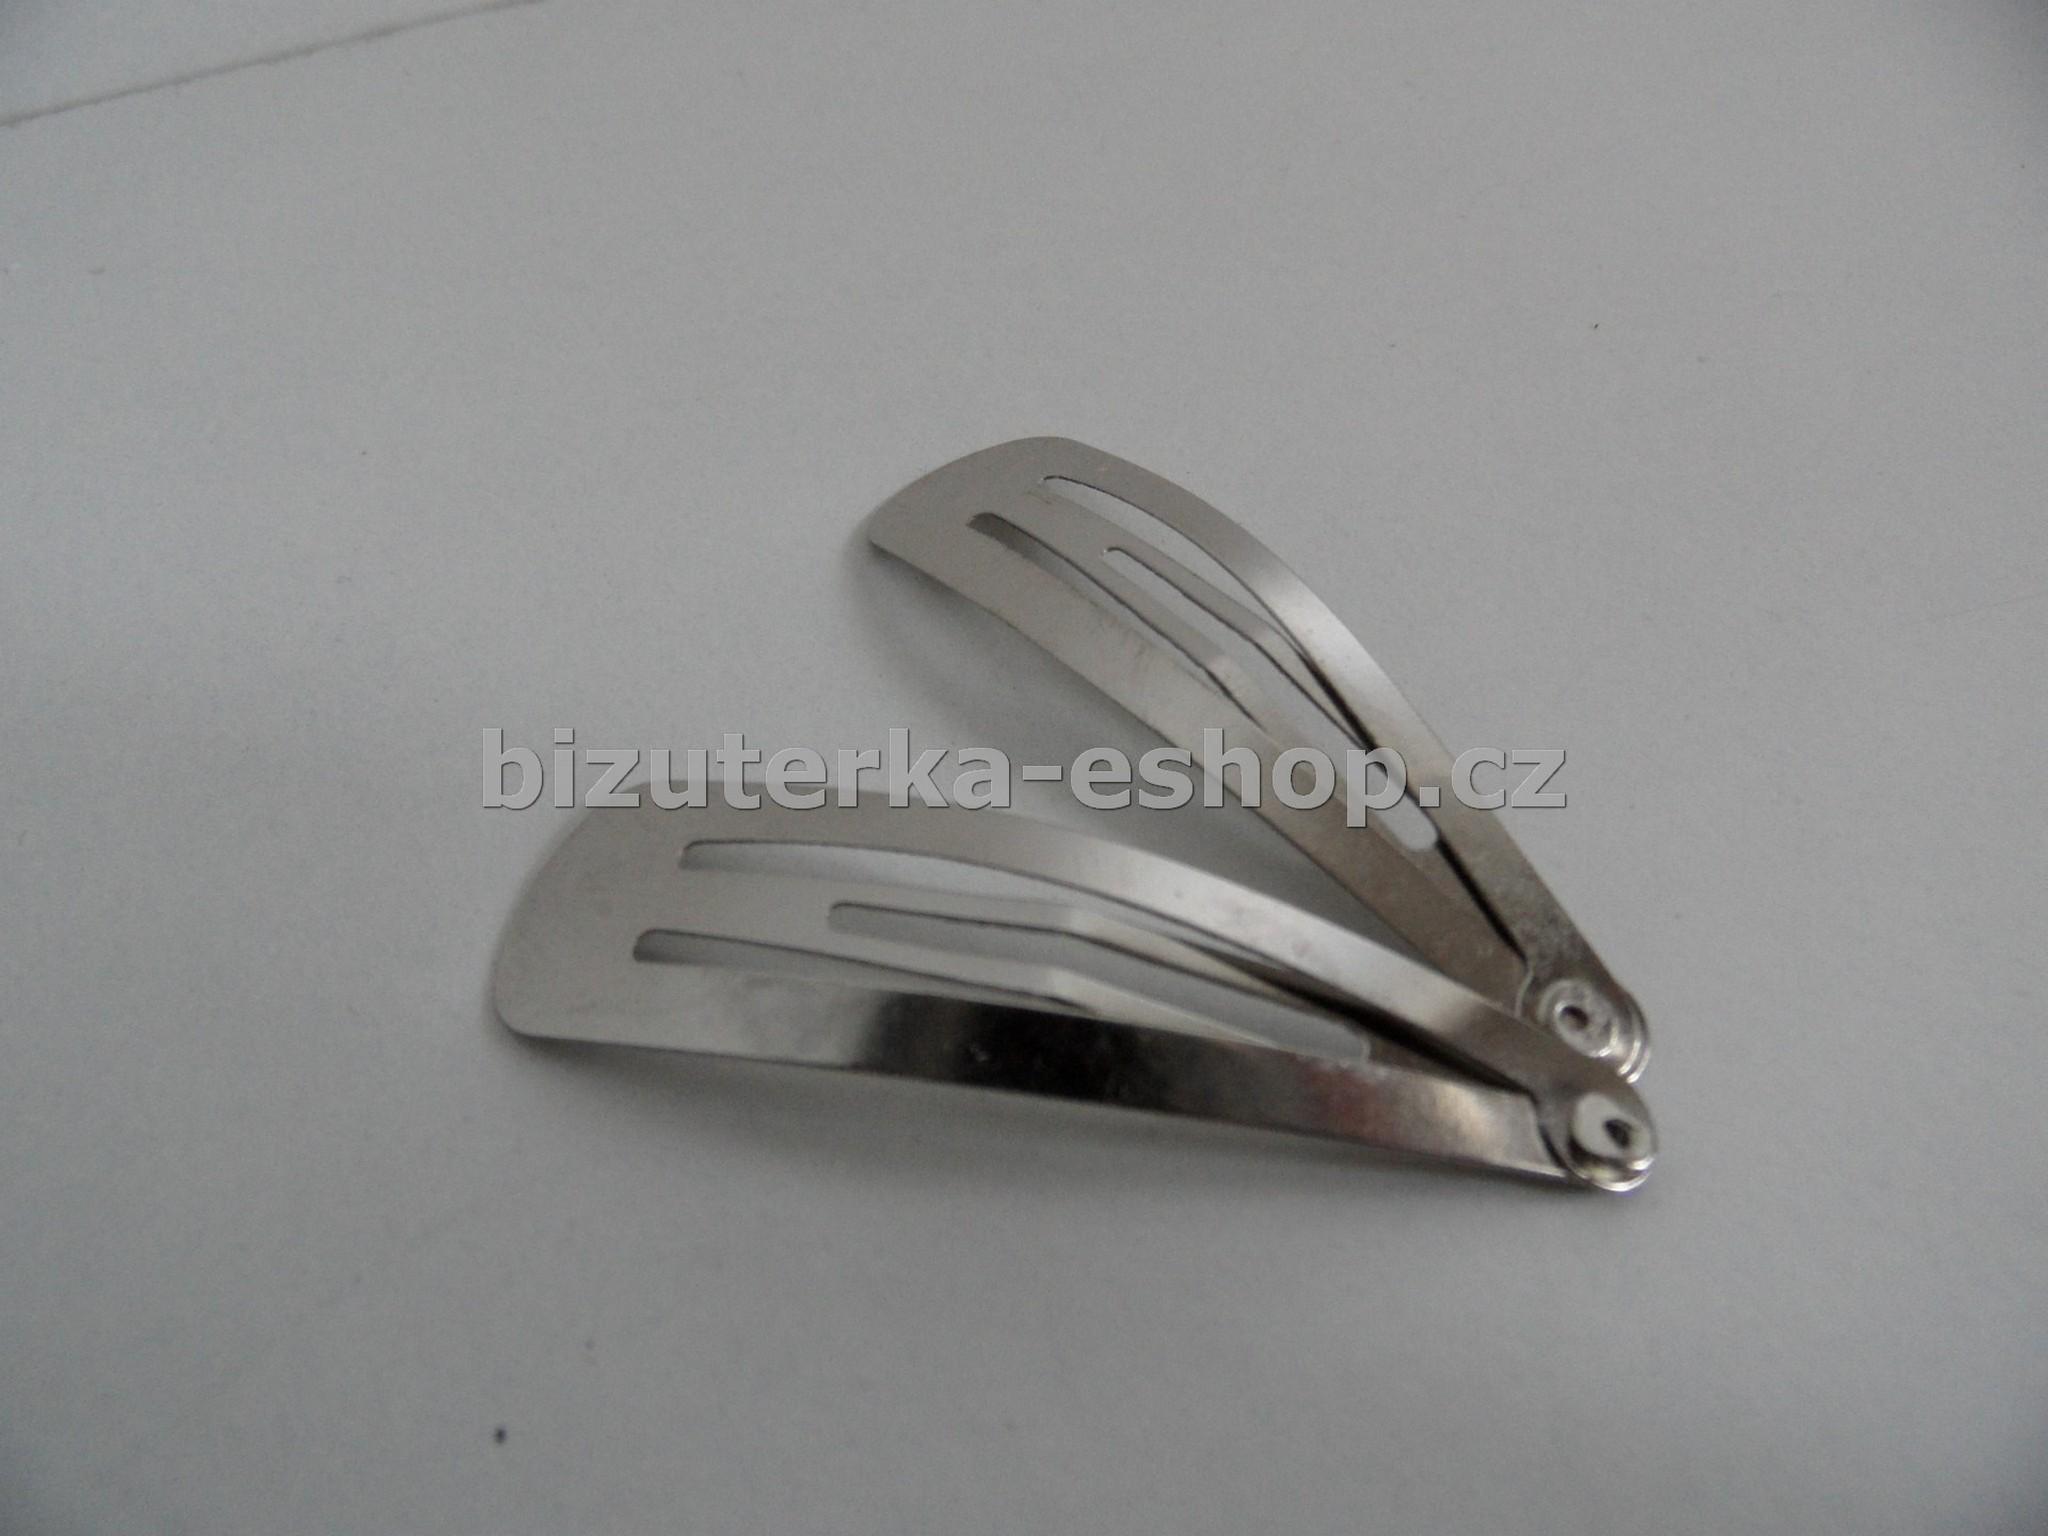 5f2053dfbd8 Prolamovací sponky stříbrné BZ-05610